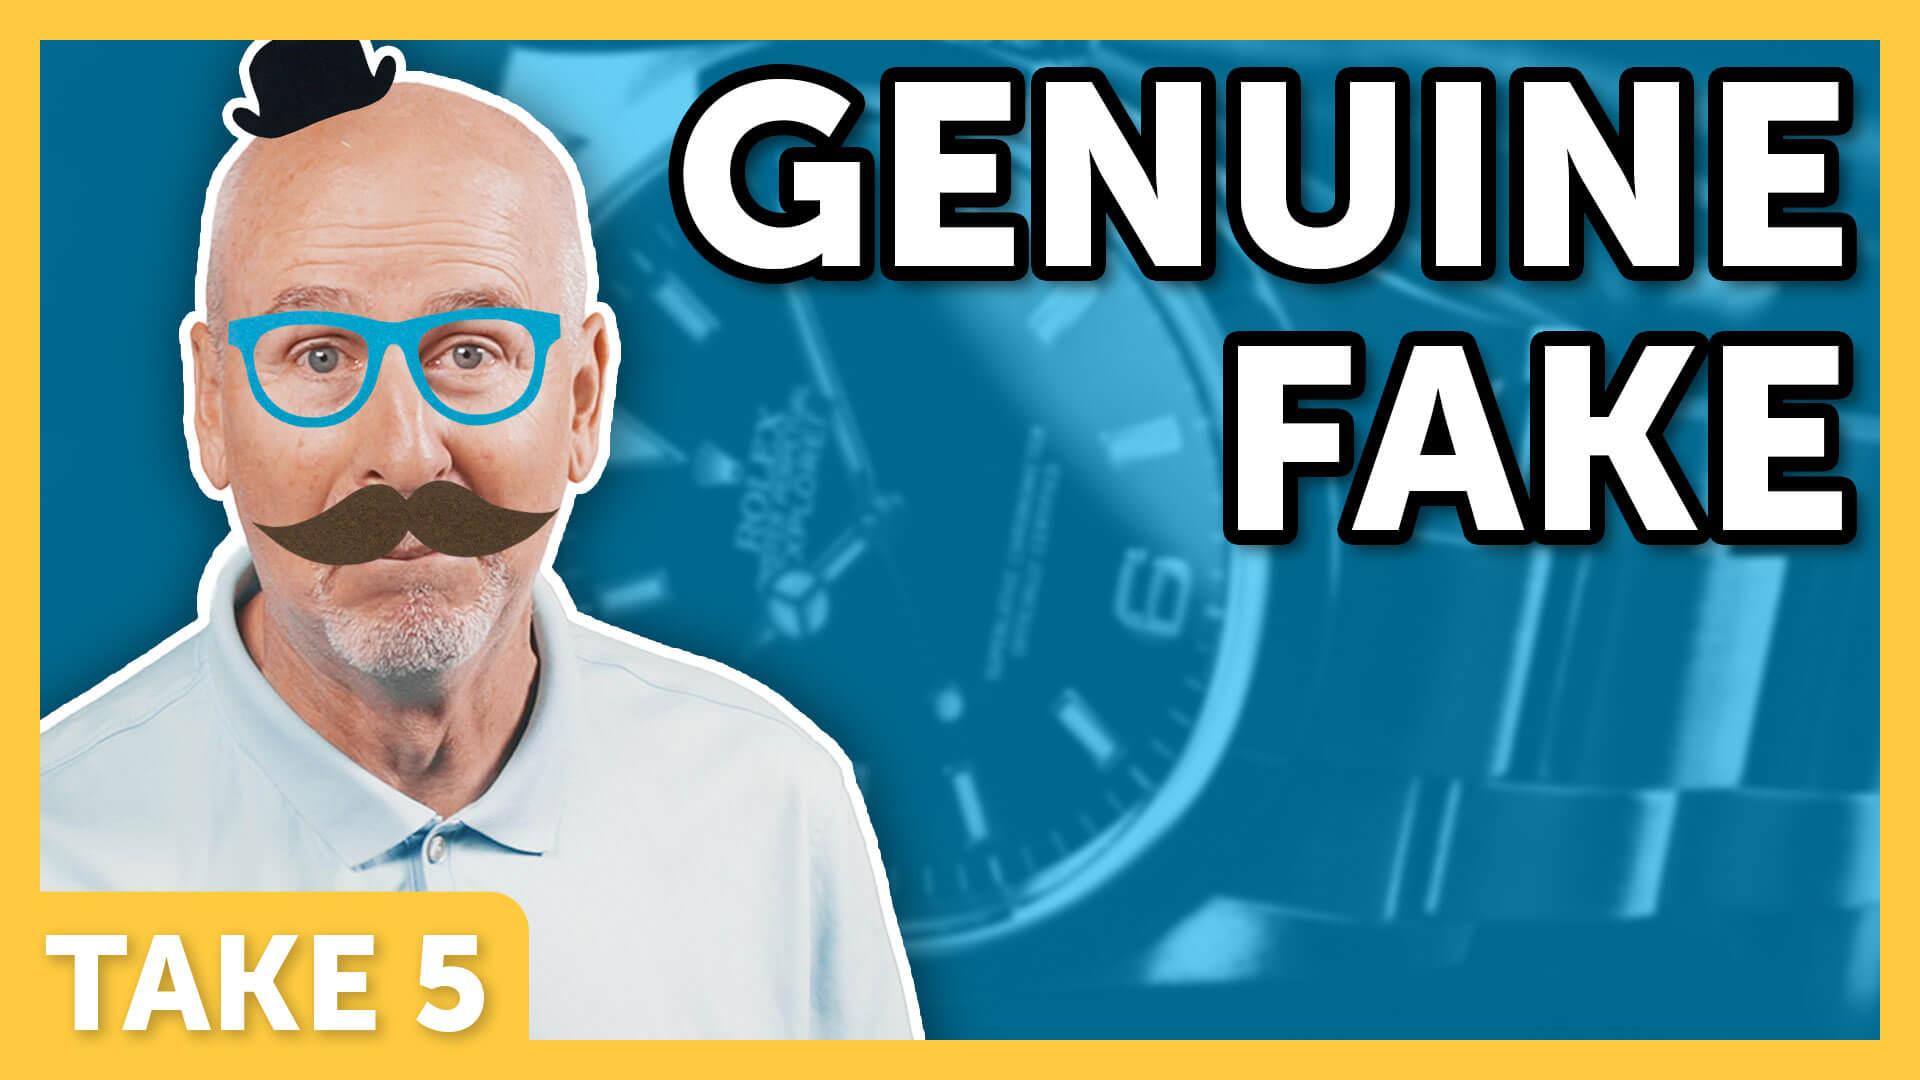 Genuine Fake - Laugh Again Take 5 with Phil Callaway   Laugh Again TV